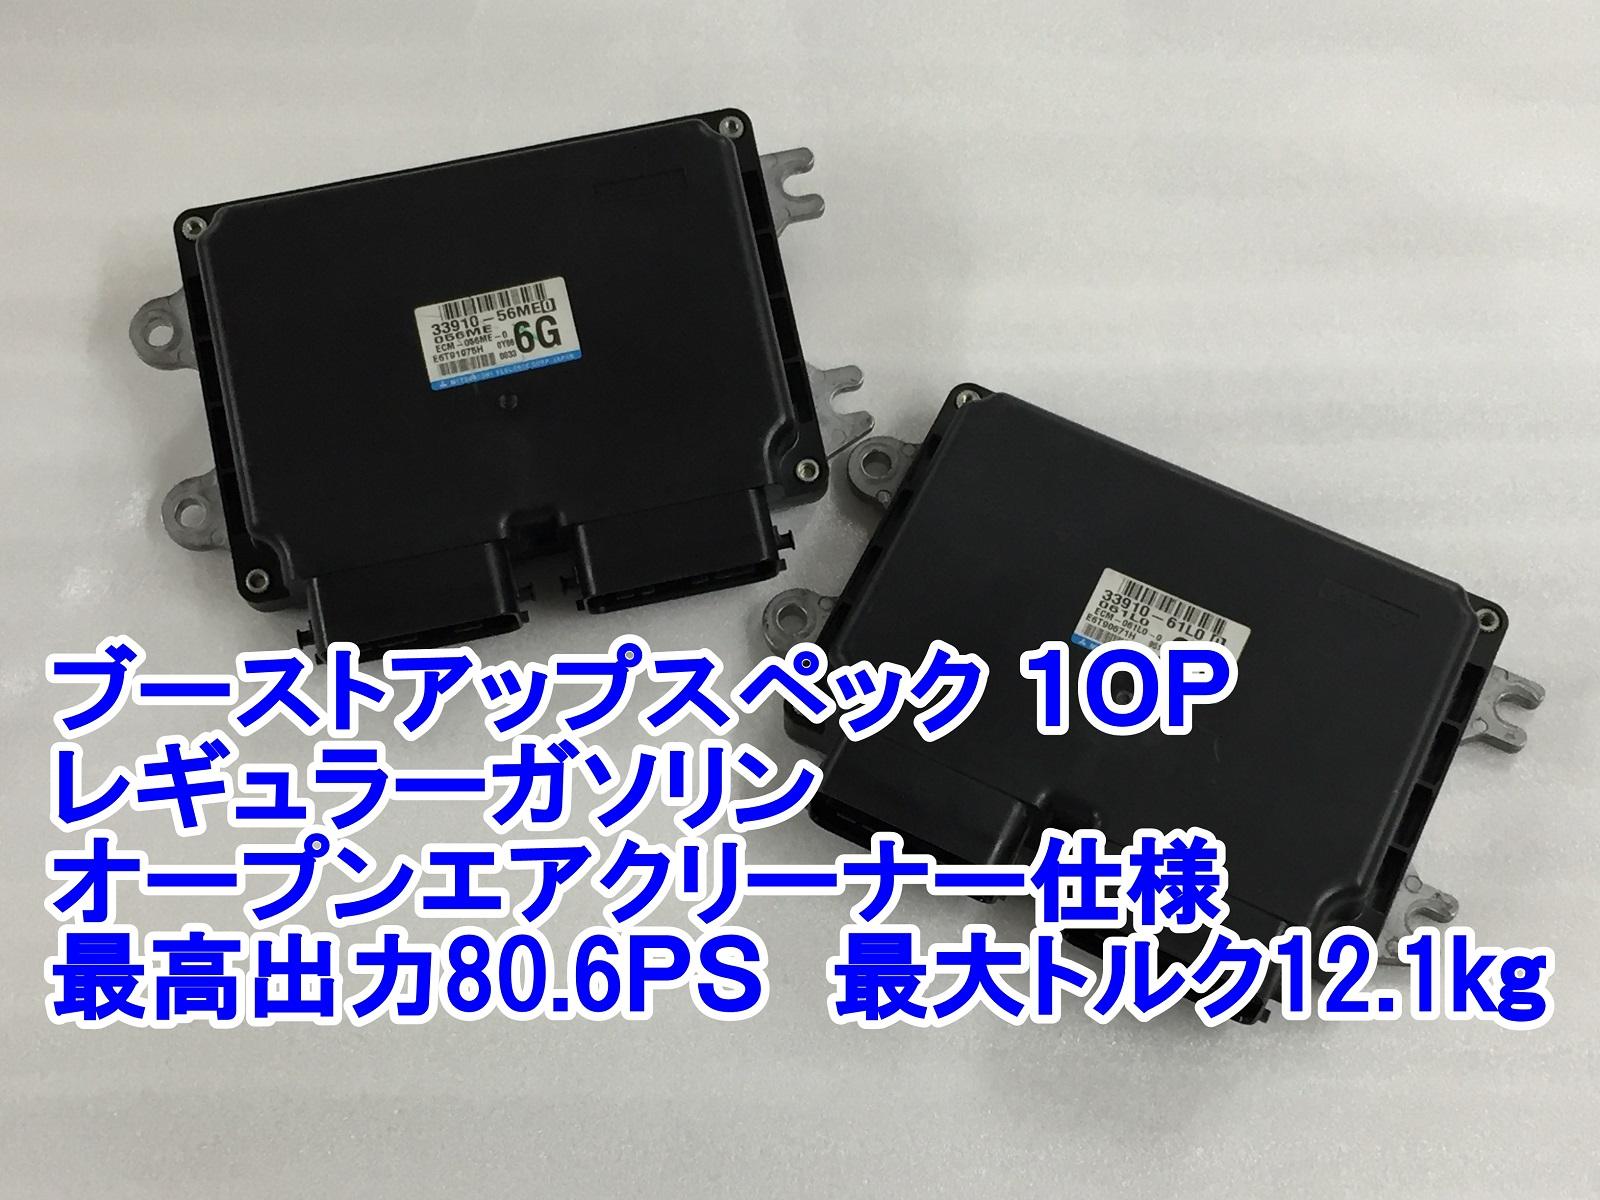 JB23:8型以降に対応【SP1・OP】レギュラー/オープンエアクリーナーブーストUP仕様